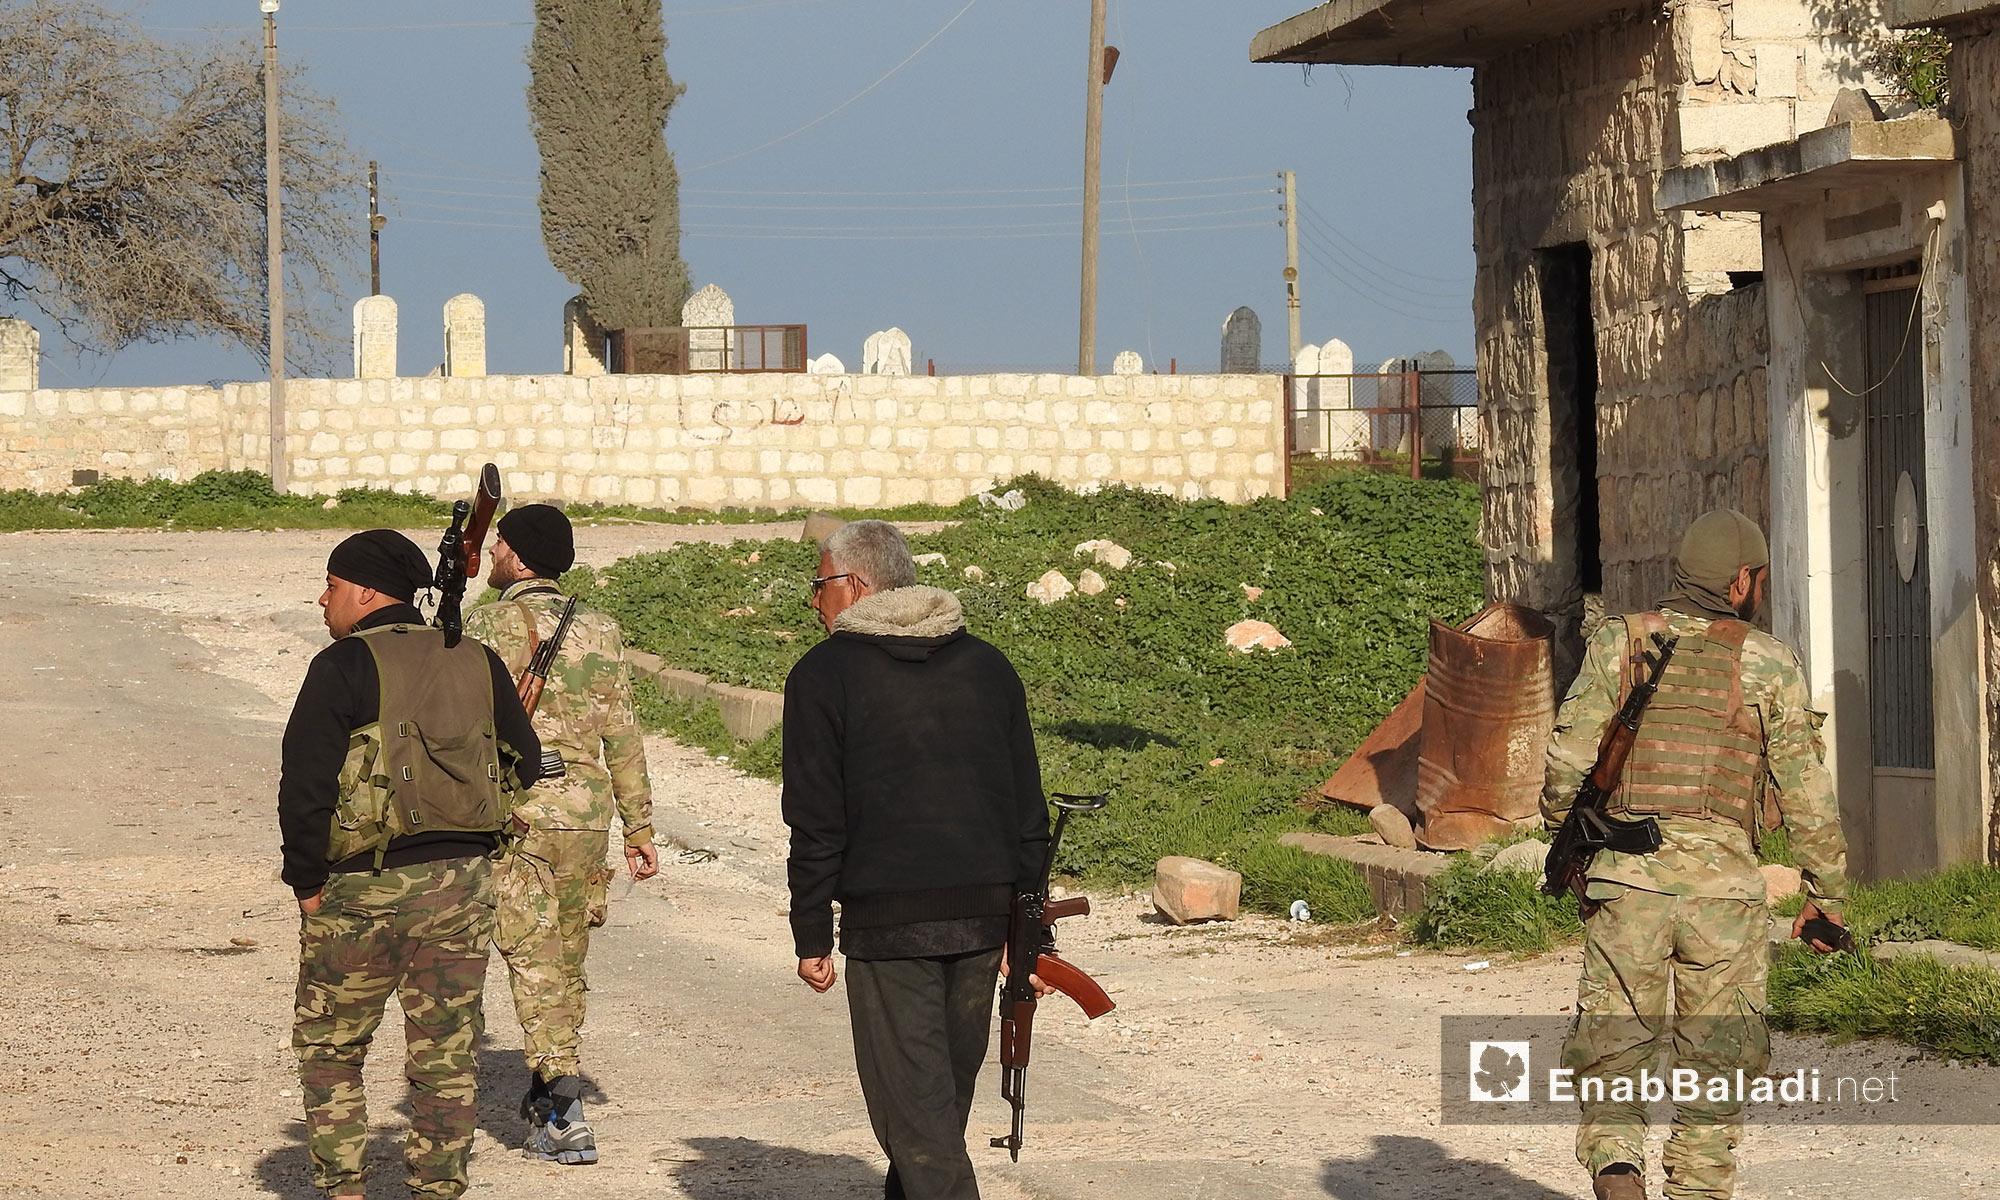 """عناصر من """"الجيش الحر"""" يتجولون بين قرى جلبل ومريمين وأناب في عفرين - 11 آذار 2018 (عنب بلدي)"""